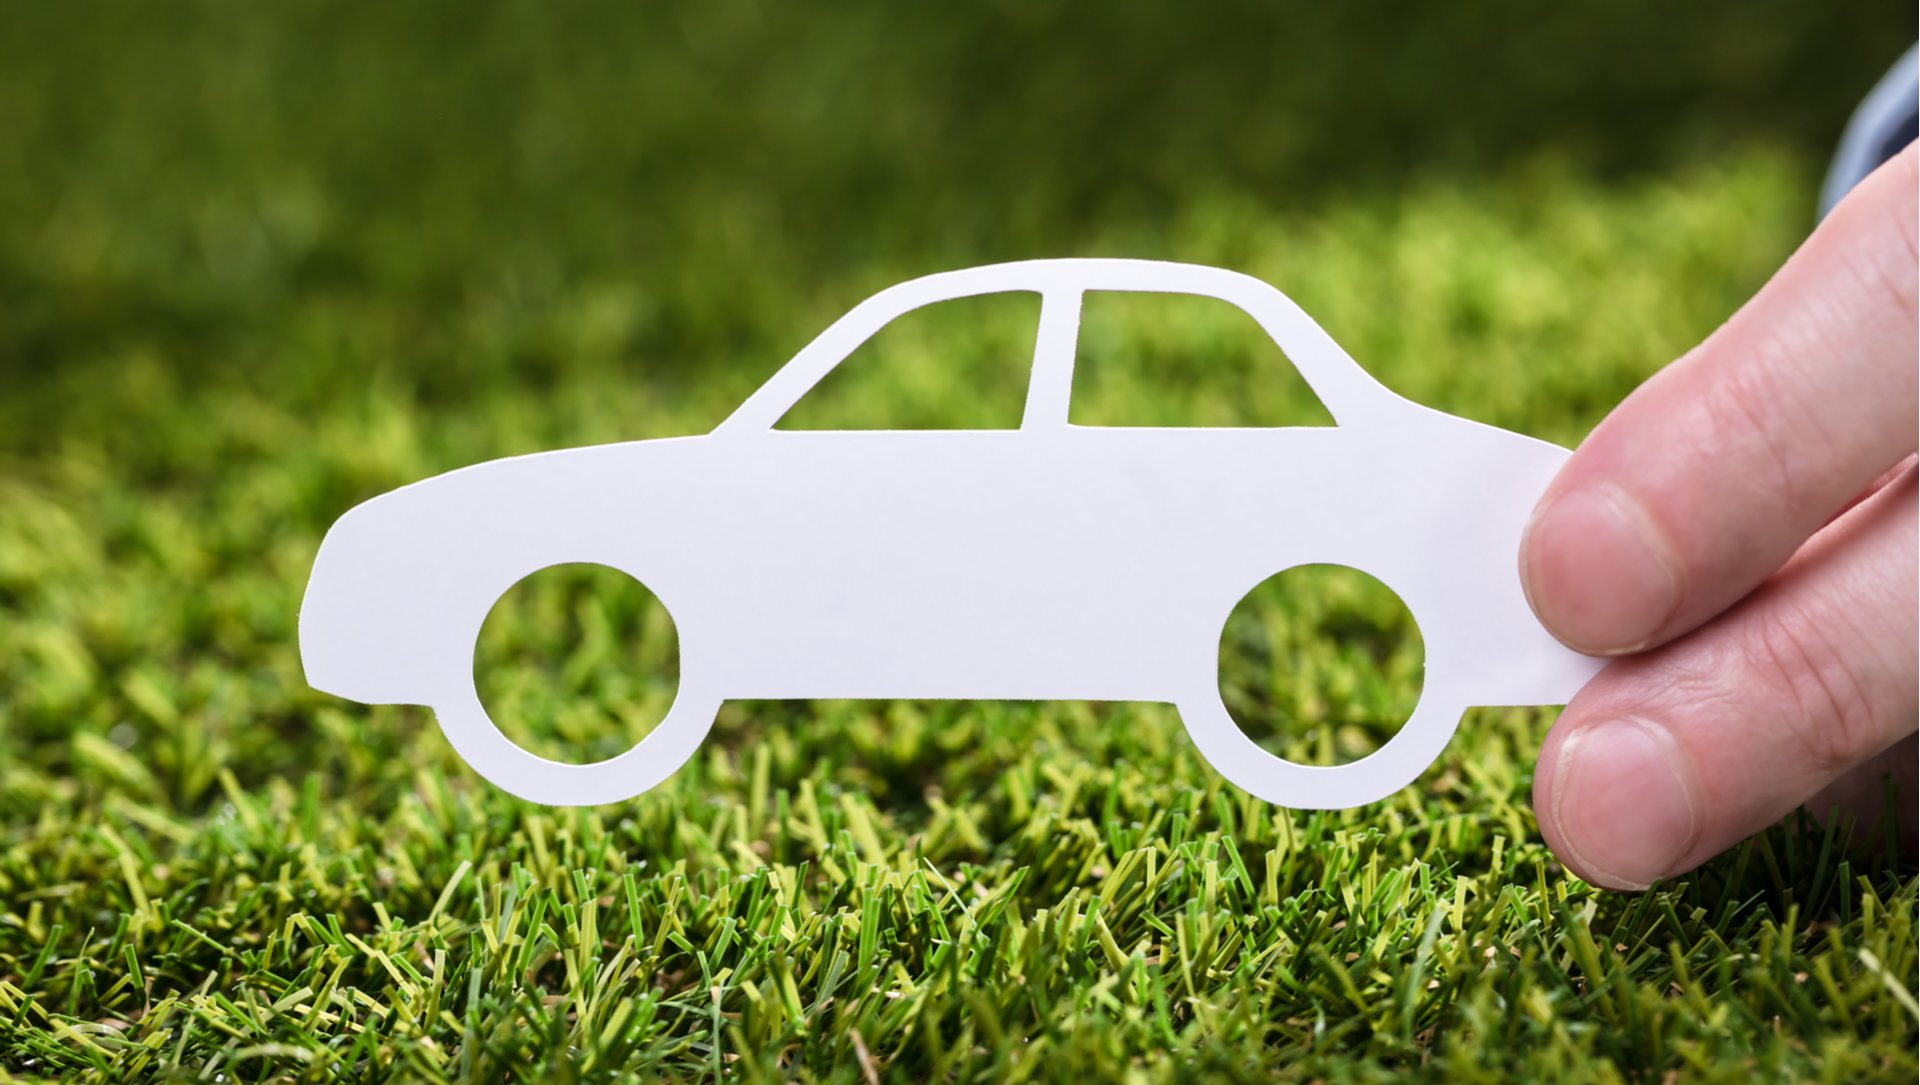 Polskie firmy chcą kupować samochody elektryczne. Dlaczego więc tego nie robią?